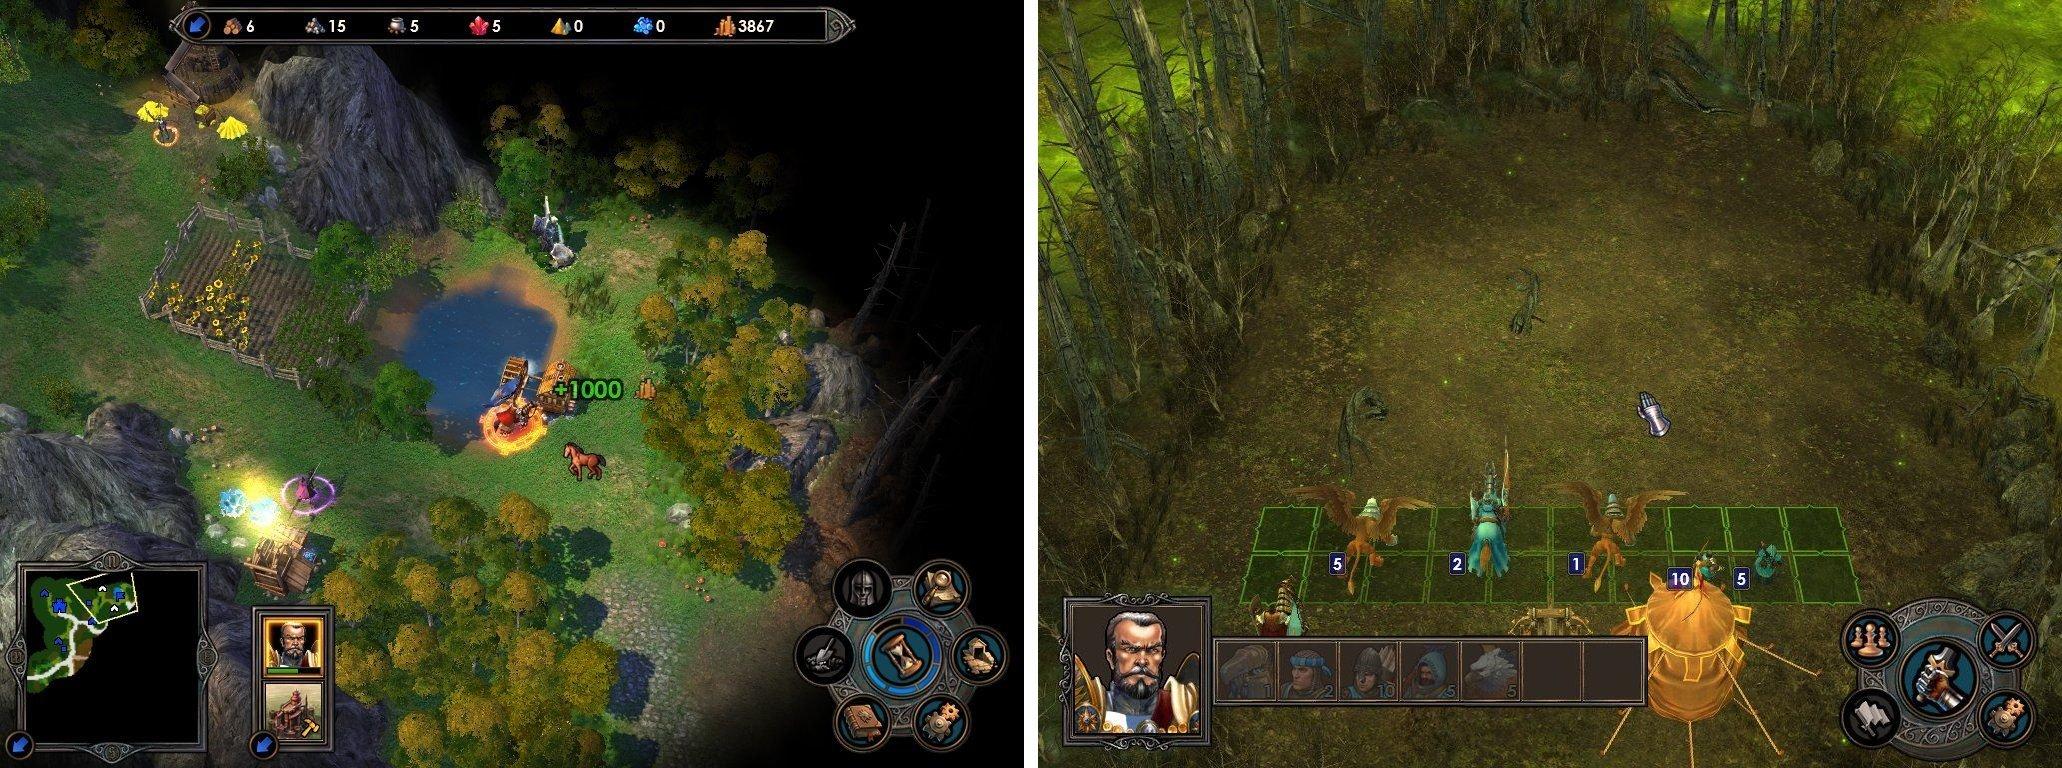 История в картинках (Heroes of Might & Magic) - Изображение 9